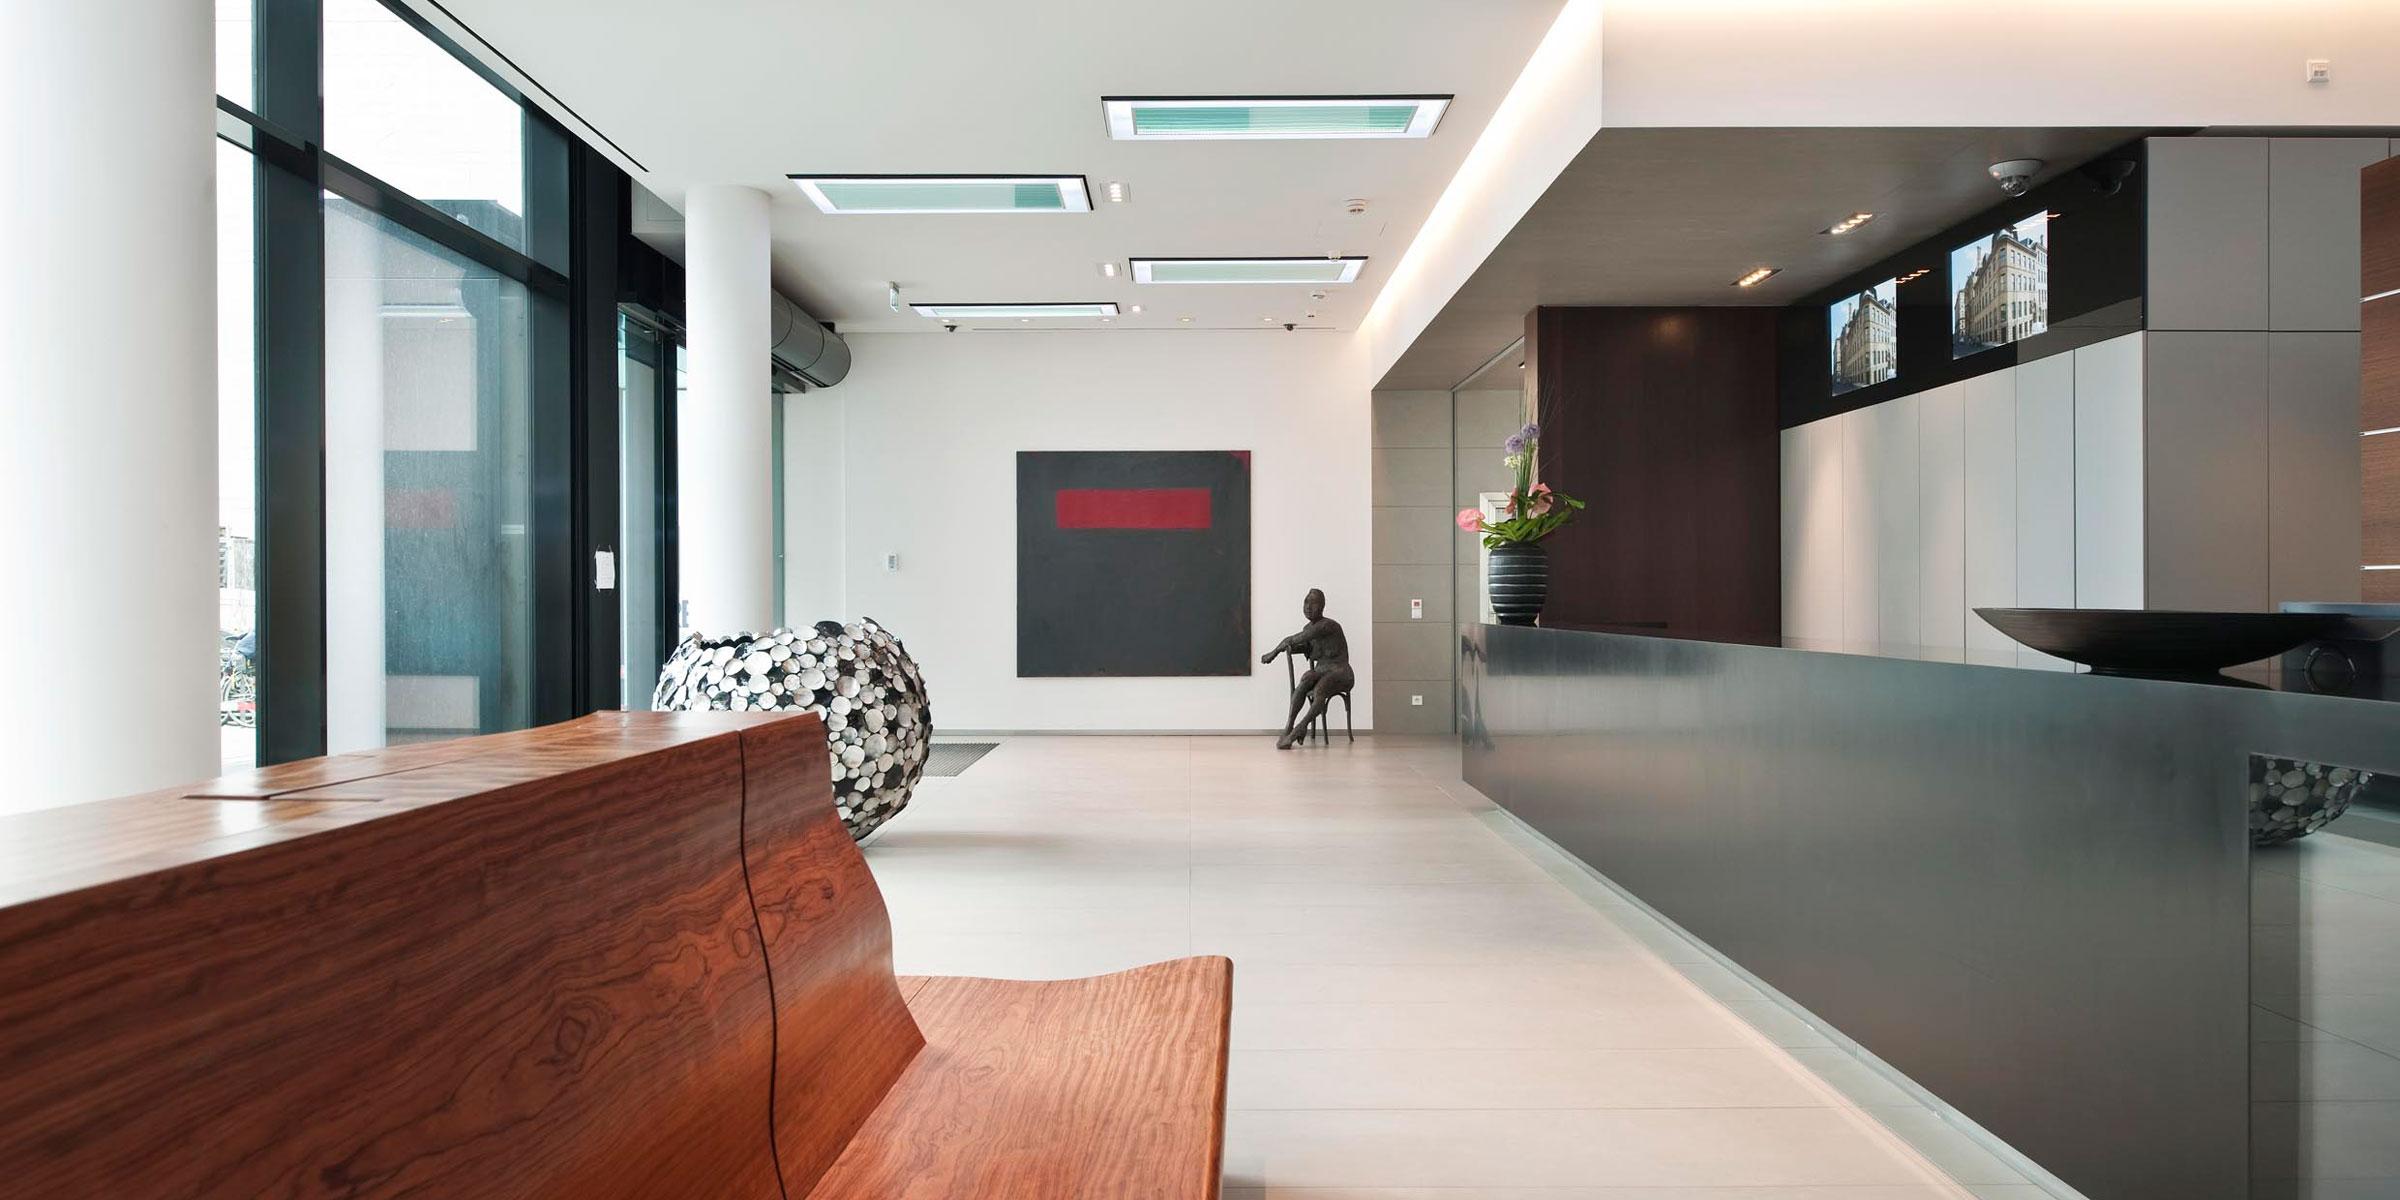 notholt lighting design referenzliste lichtkonzepte und lichtdesign vom erfahrenen. Black Bedroom Furniture Sets. Home Design Ideas